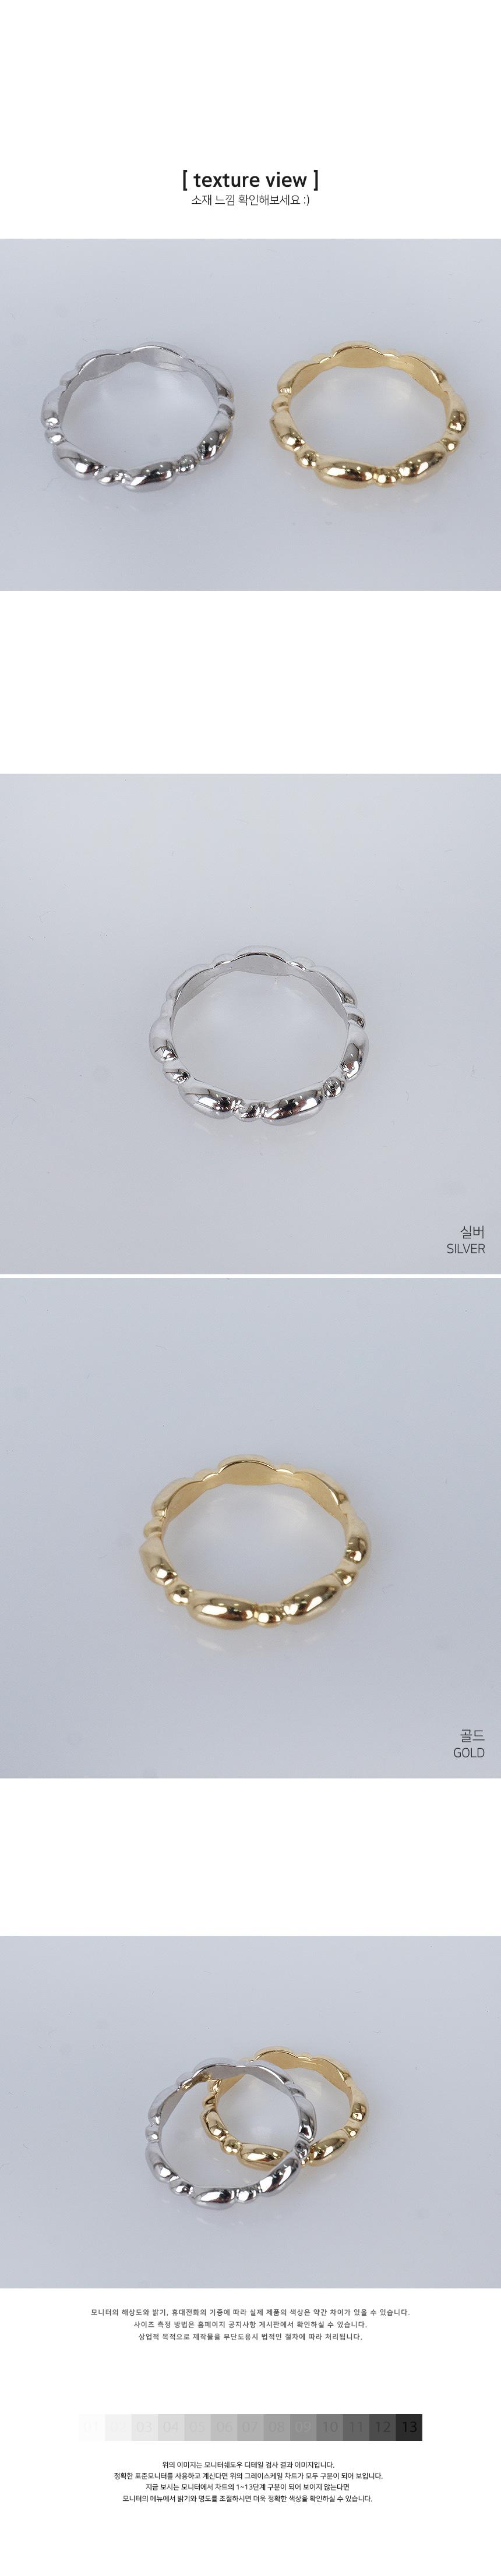 Vintage wavy rings